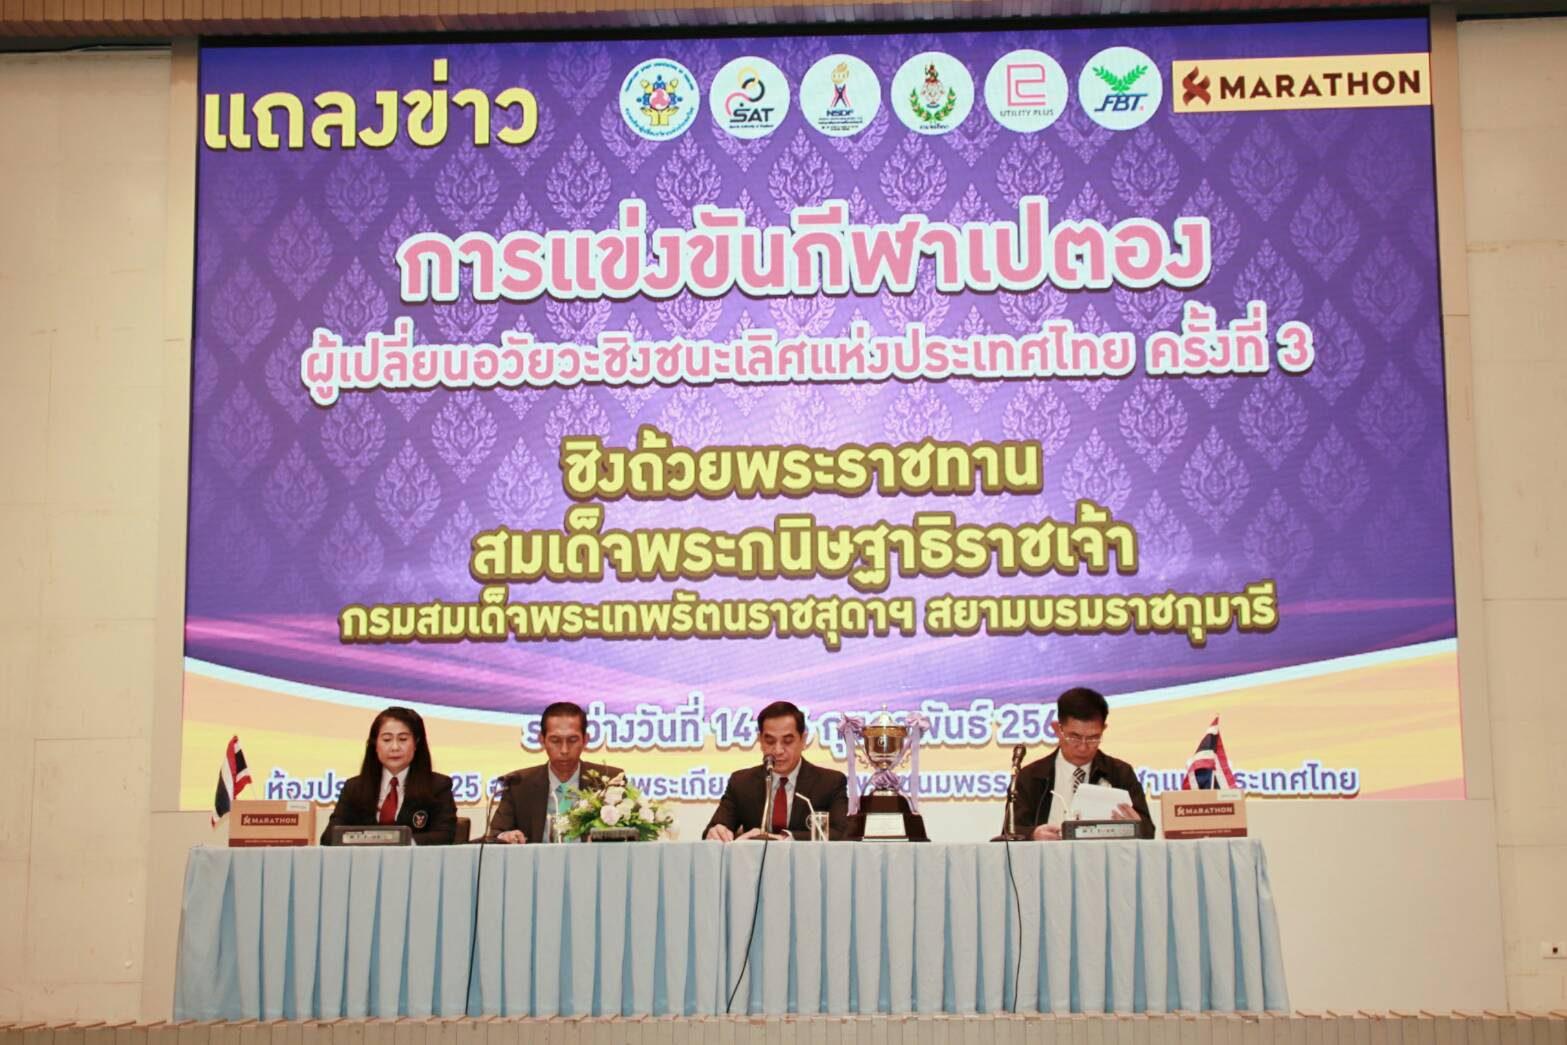 สมาคมกีฬาผู้เปลี่ยนอวัยวะแห่งประเทศไทย จัดการแข่งขันกีฬาเปตองผู้เปลี่ยนอวัยวะชิงชนะเลิศแห่งประเทศไทย ครั้งที่ 3